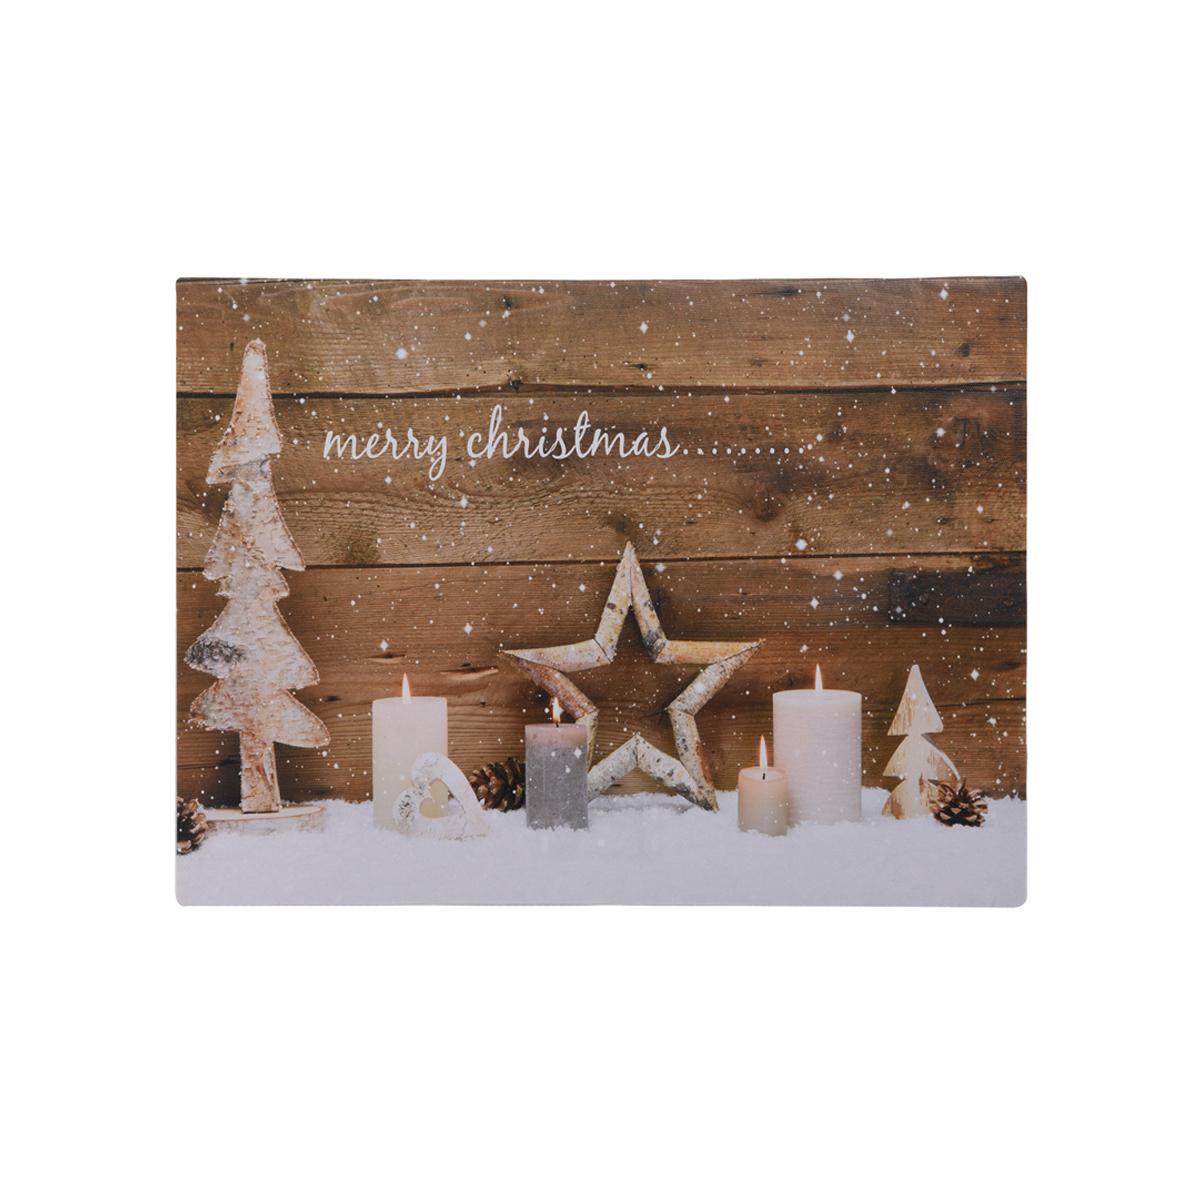 led leinwand bild zum aufh ngen weihnachten winter deko geschenk wand dekoration feste und. Black Bedroom Furniture Sets. Home Design Ideas